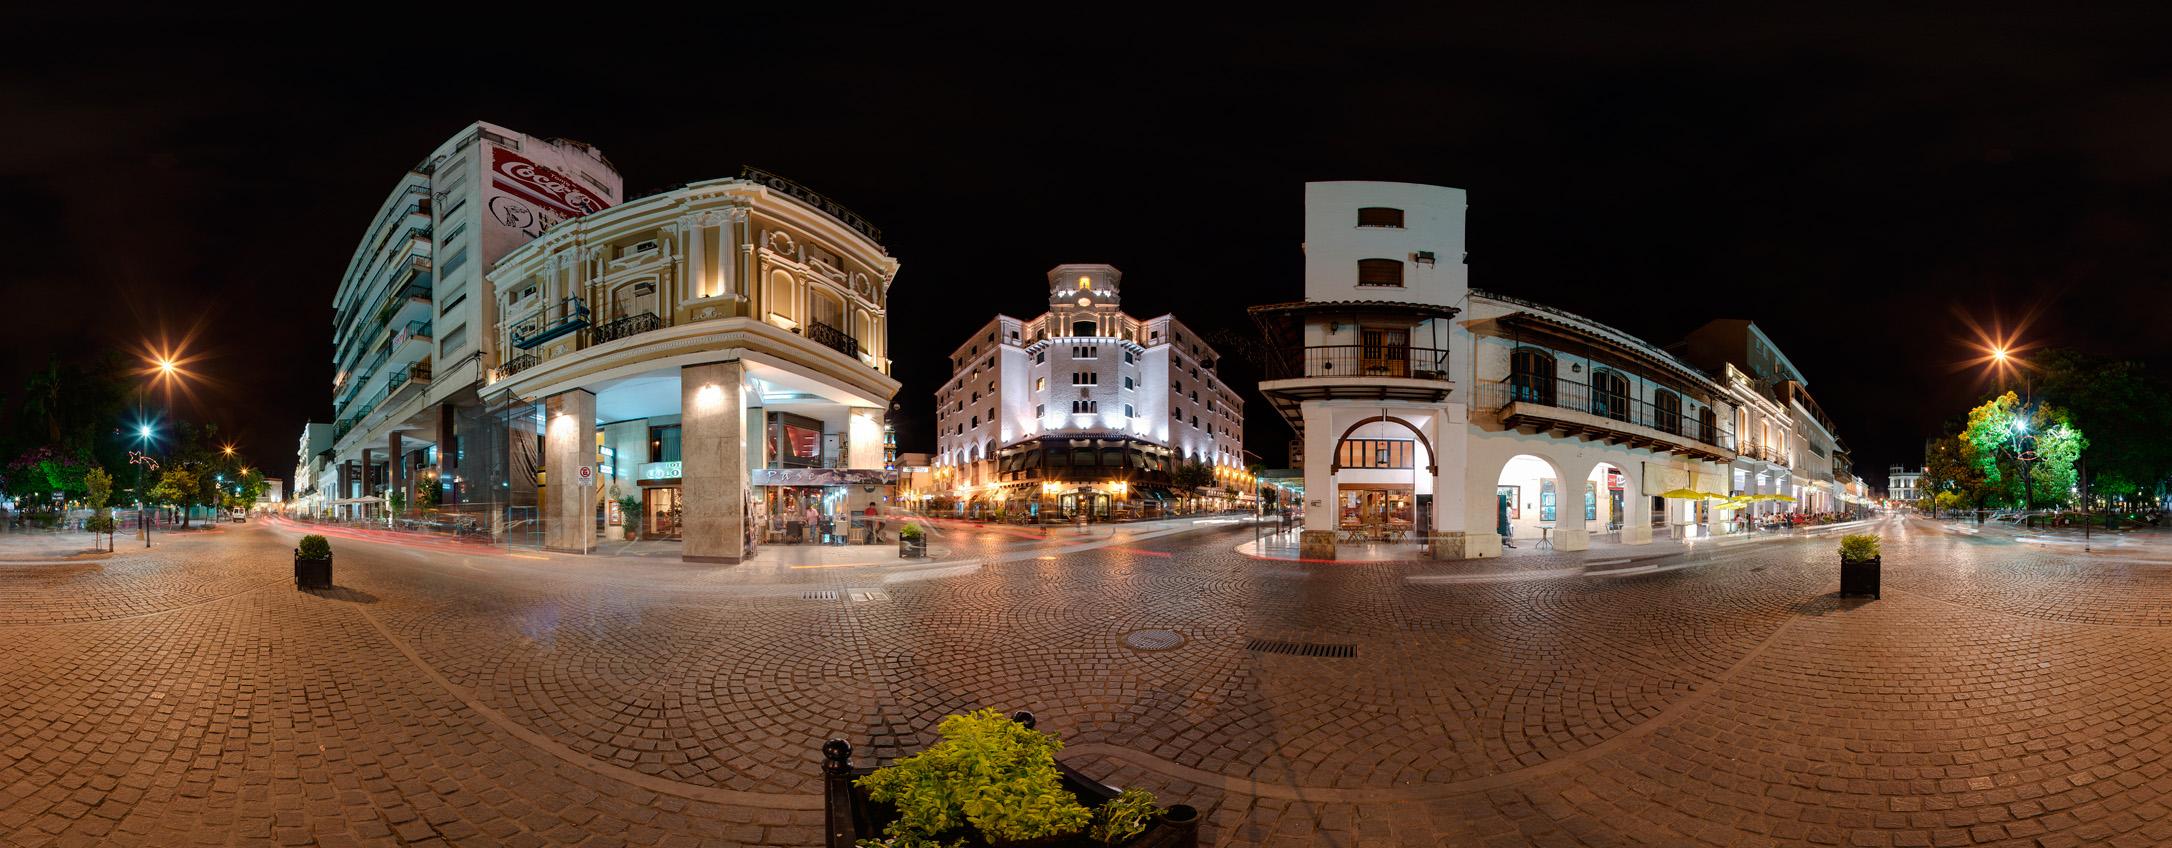 file edificios alrededor de la plaza 9 de julio